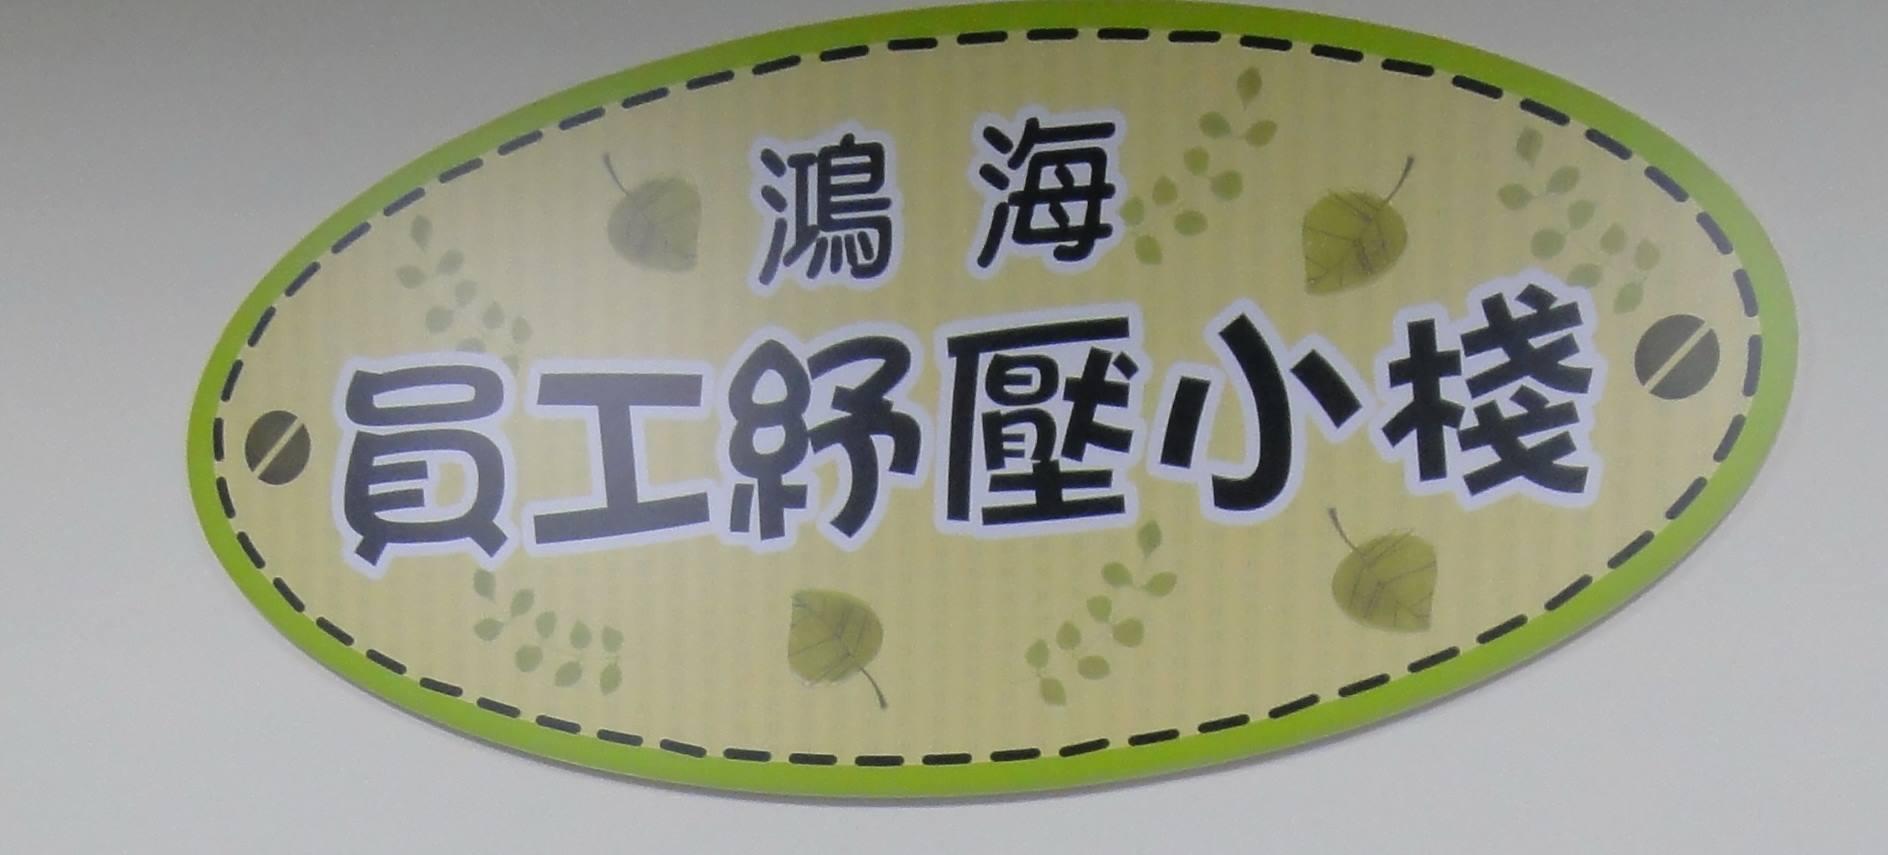 鴻海員工紓壓小棧標誌